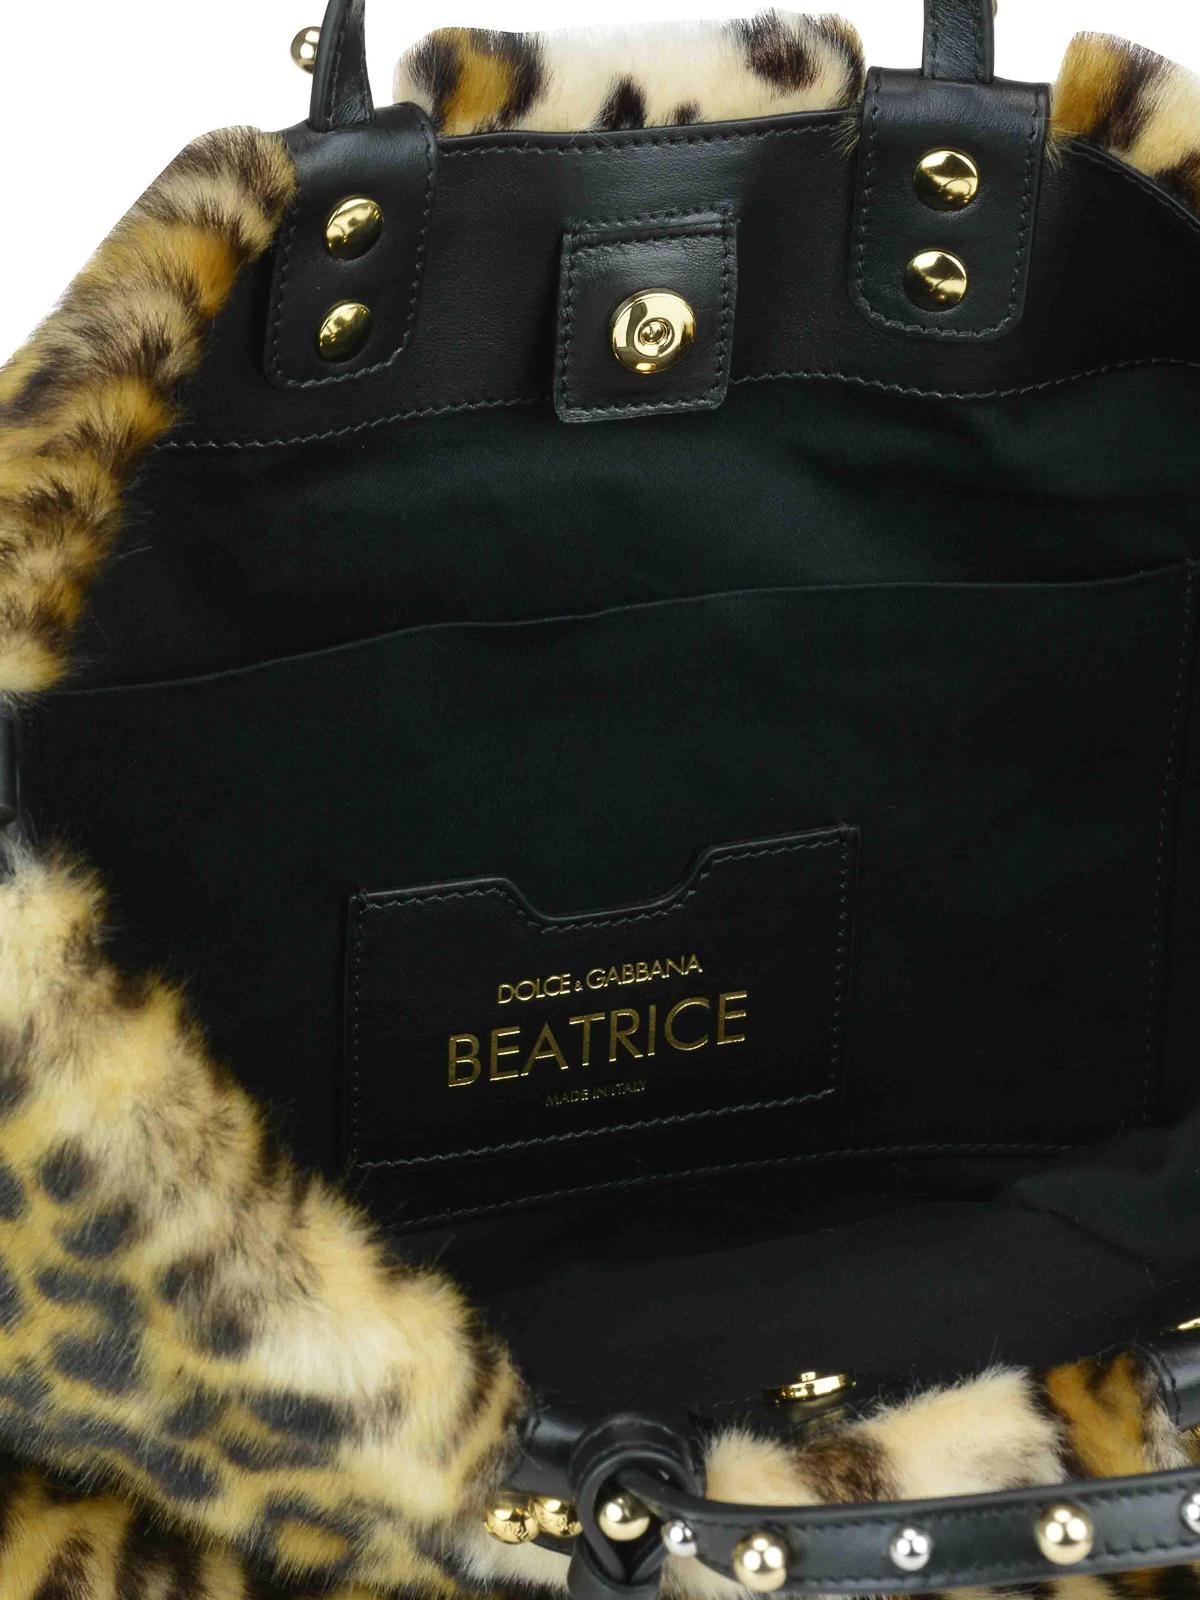 Dolce   Gabbana - Beatrice animal print faux fur small tote - totes ... 89eb55211e609